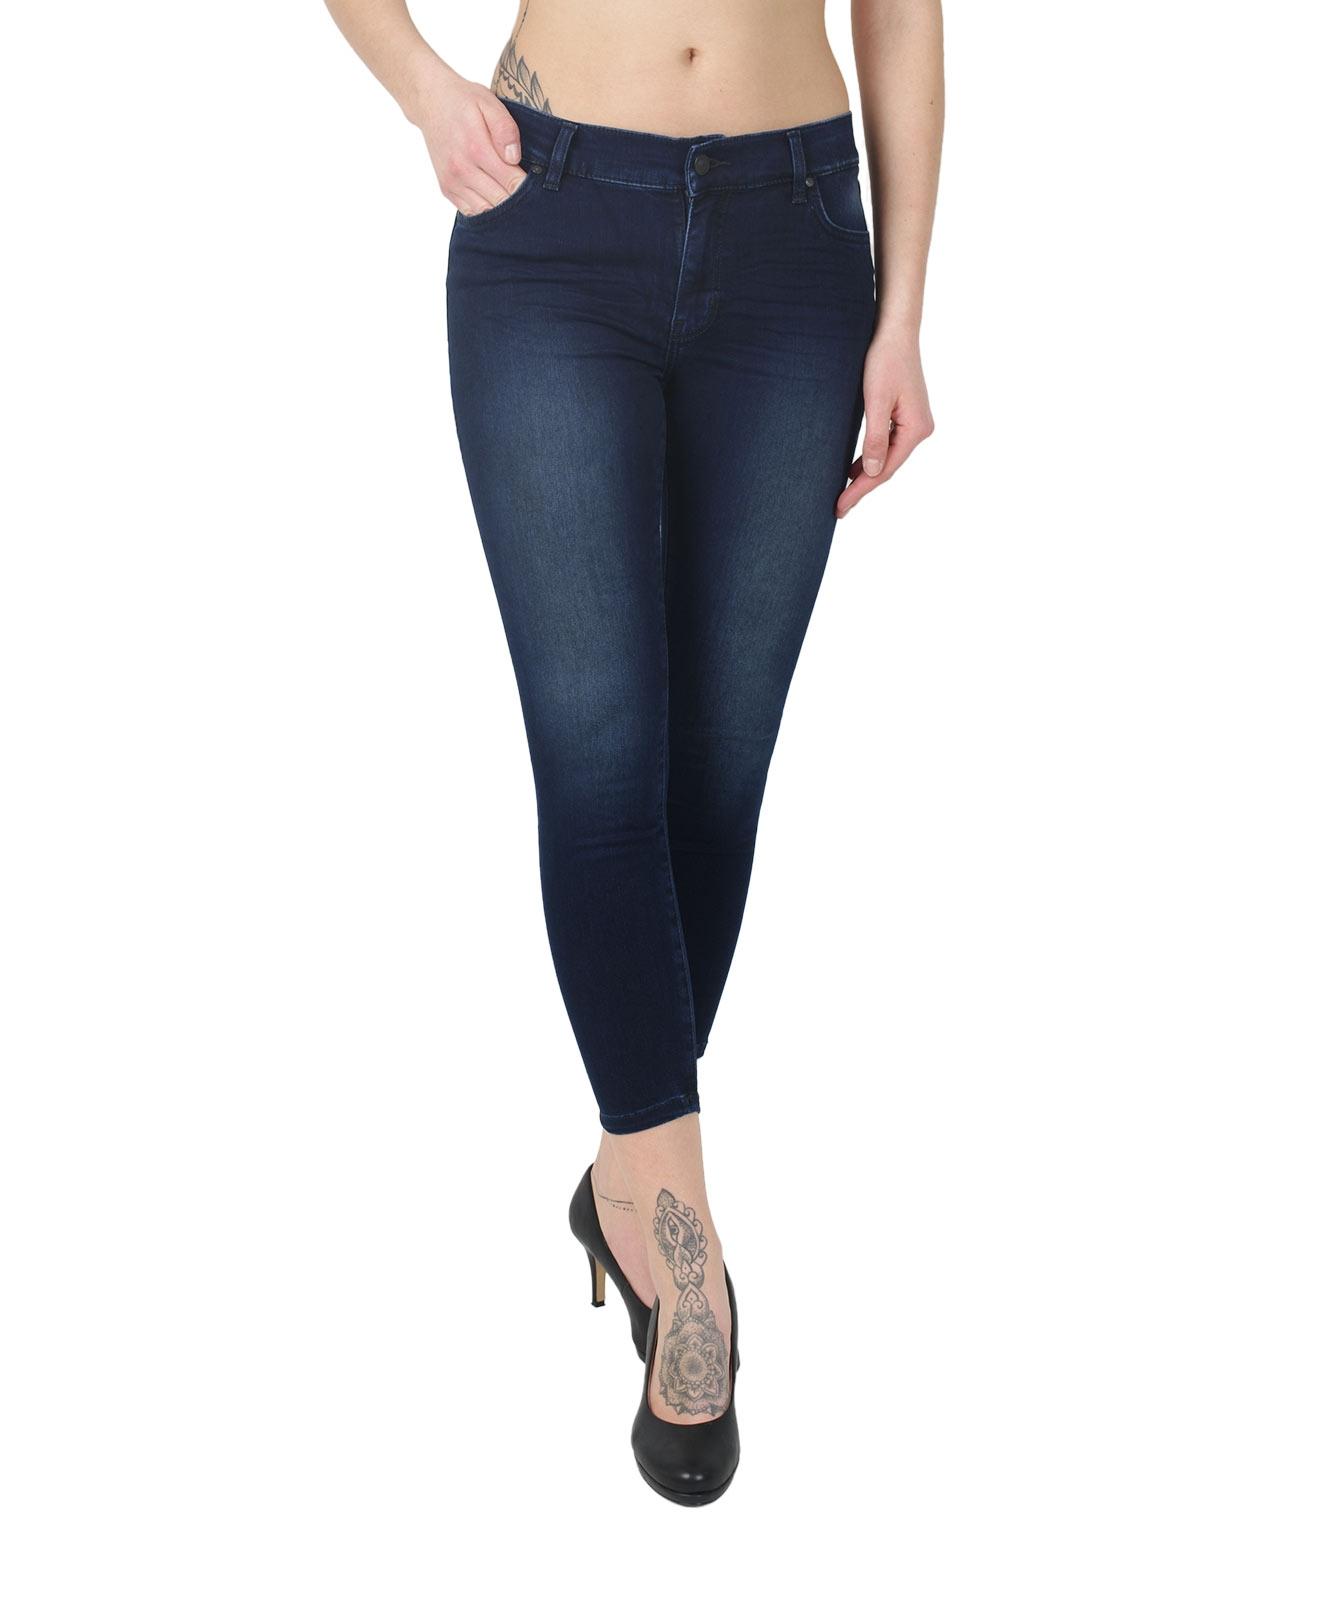 Hosen - LTB Ankle Jeans Lonia in Ferla Wash  - Onlineshop Jeans Meile